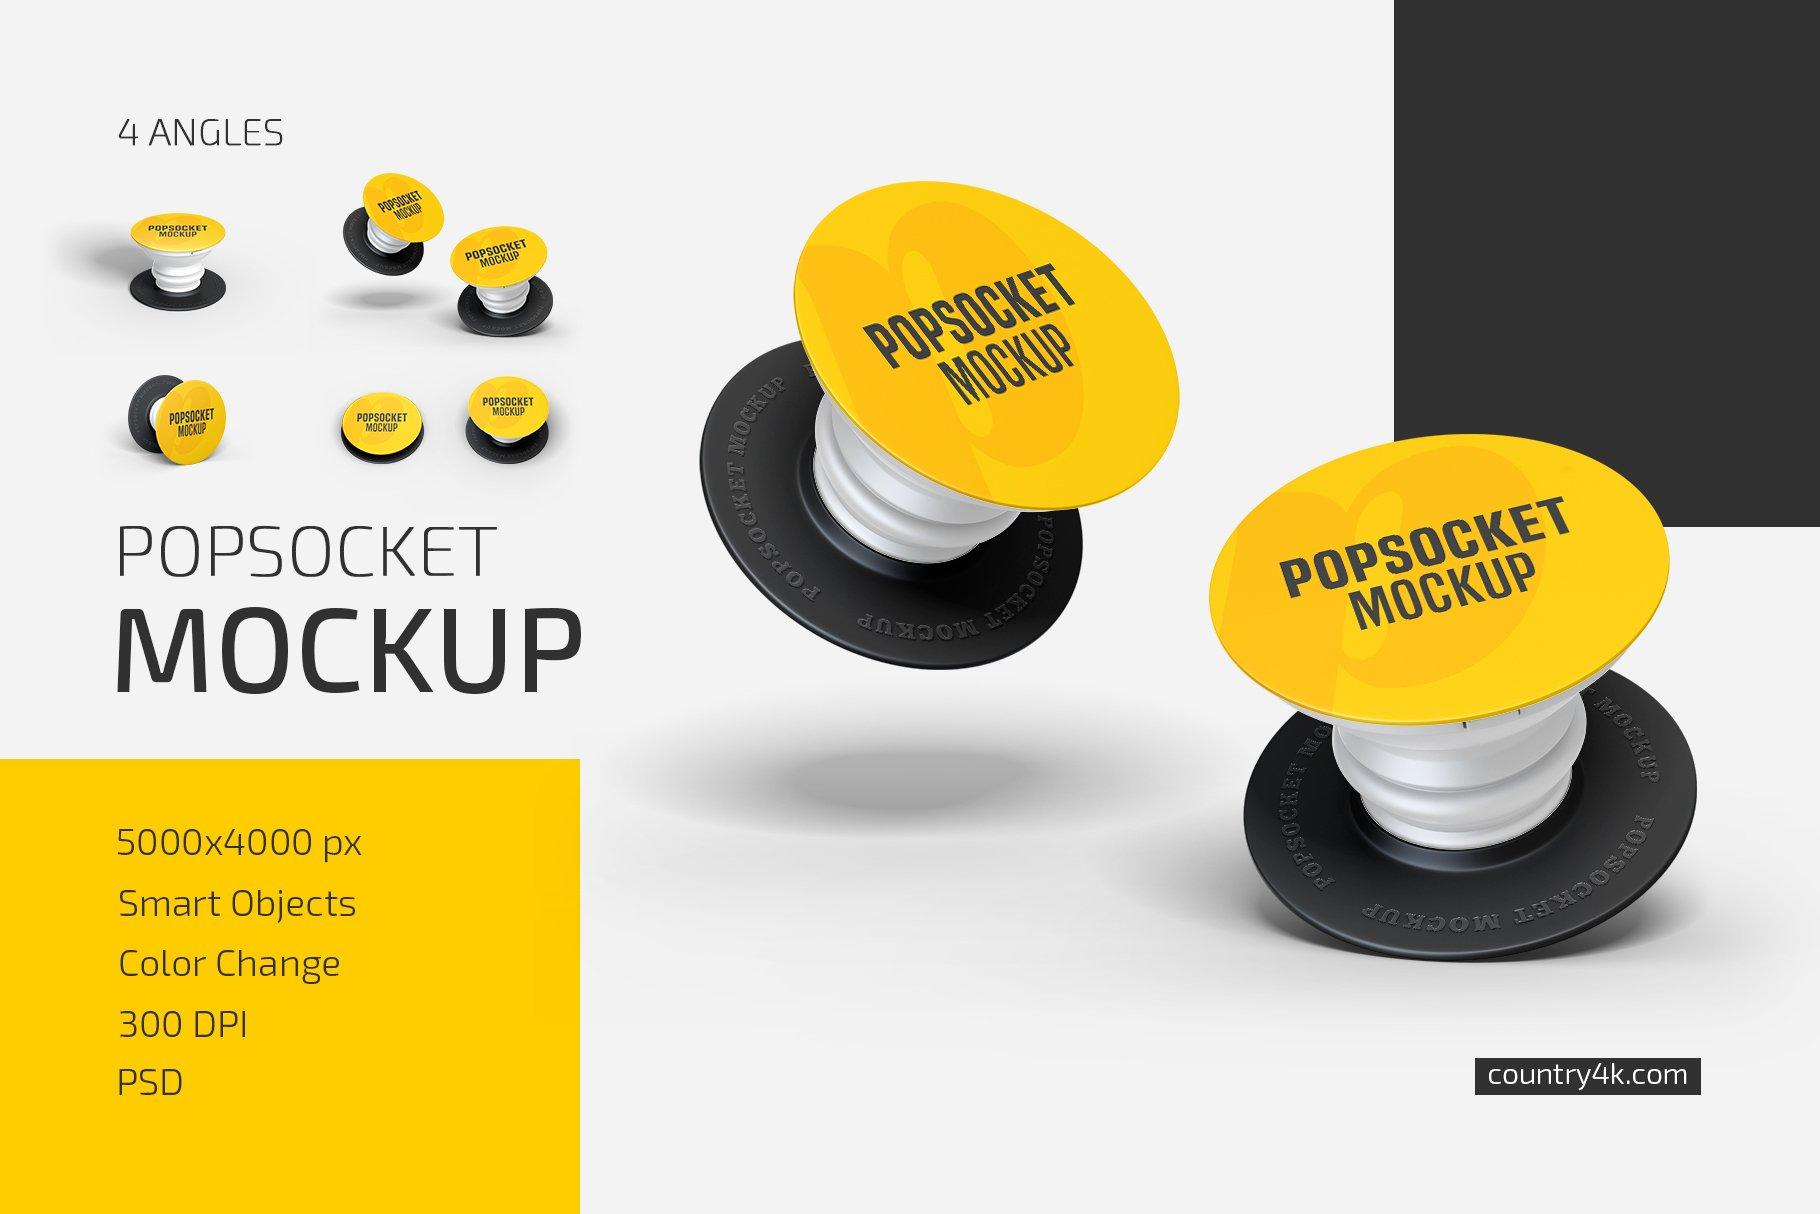 时尚手机移动设备磁铁粘扣样机模板 Popsocket Mockup Set插图